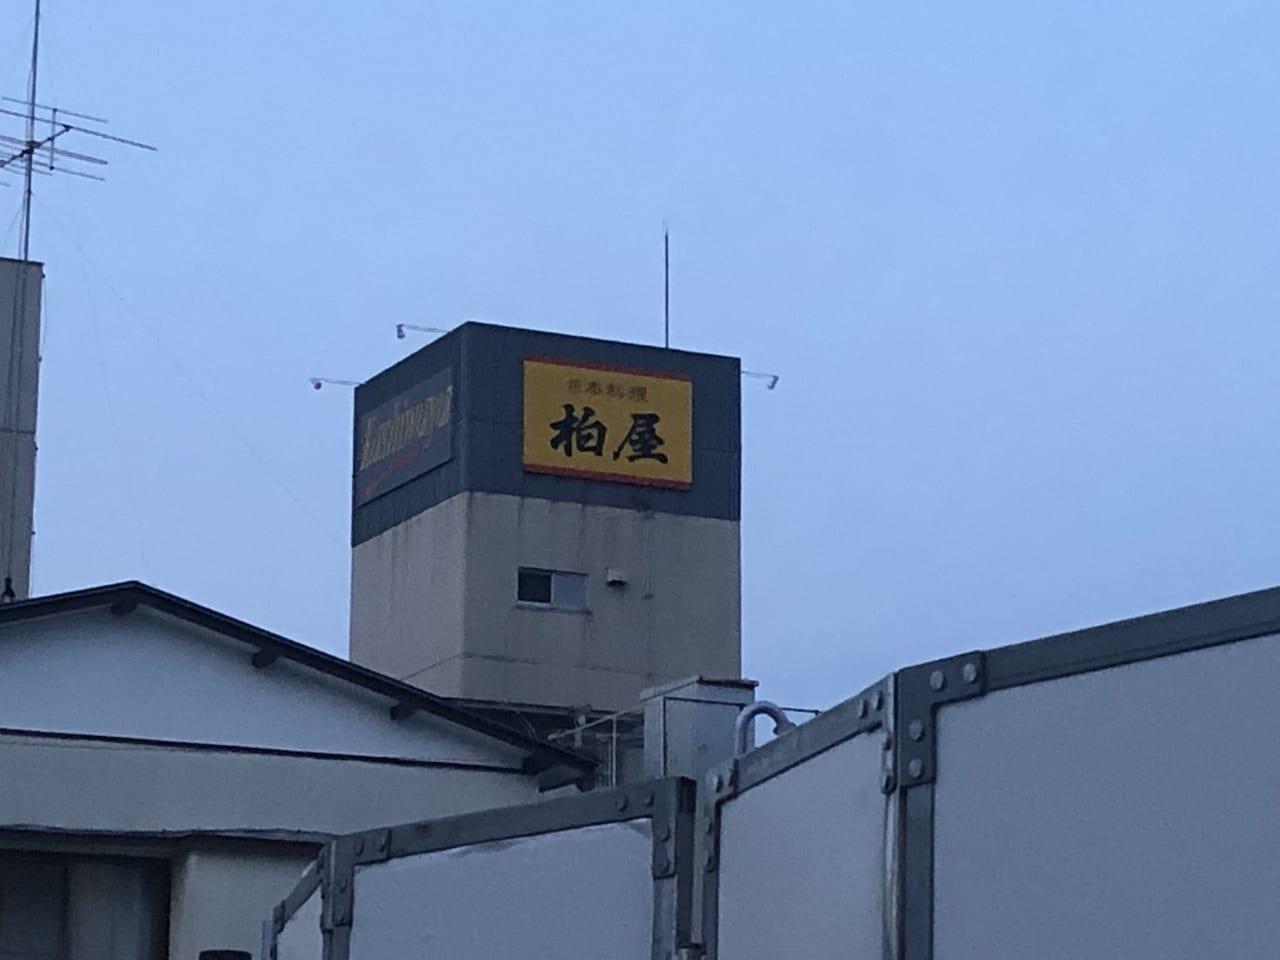 柏屋(2019年撮影)